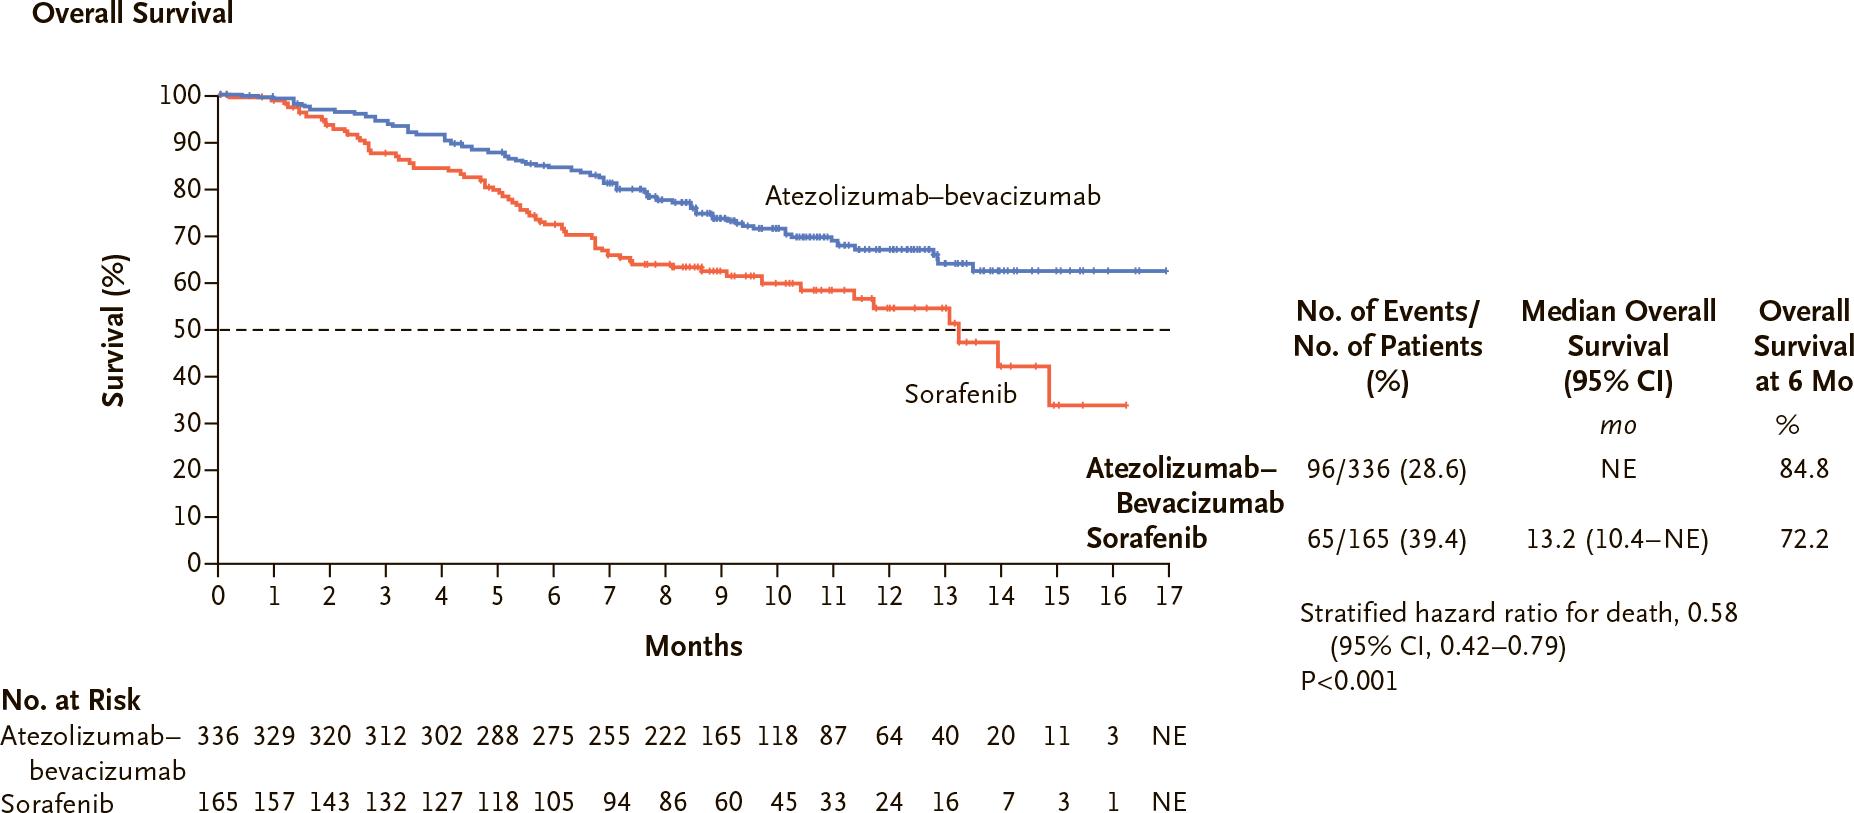 nct03434379 results 01 - «Тецентрик» плюс «Авастин»: иммуноонкологическое лечение гепатоцеллюлярной карциномы